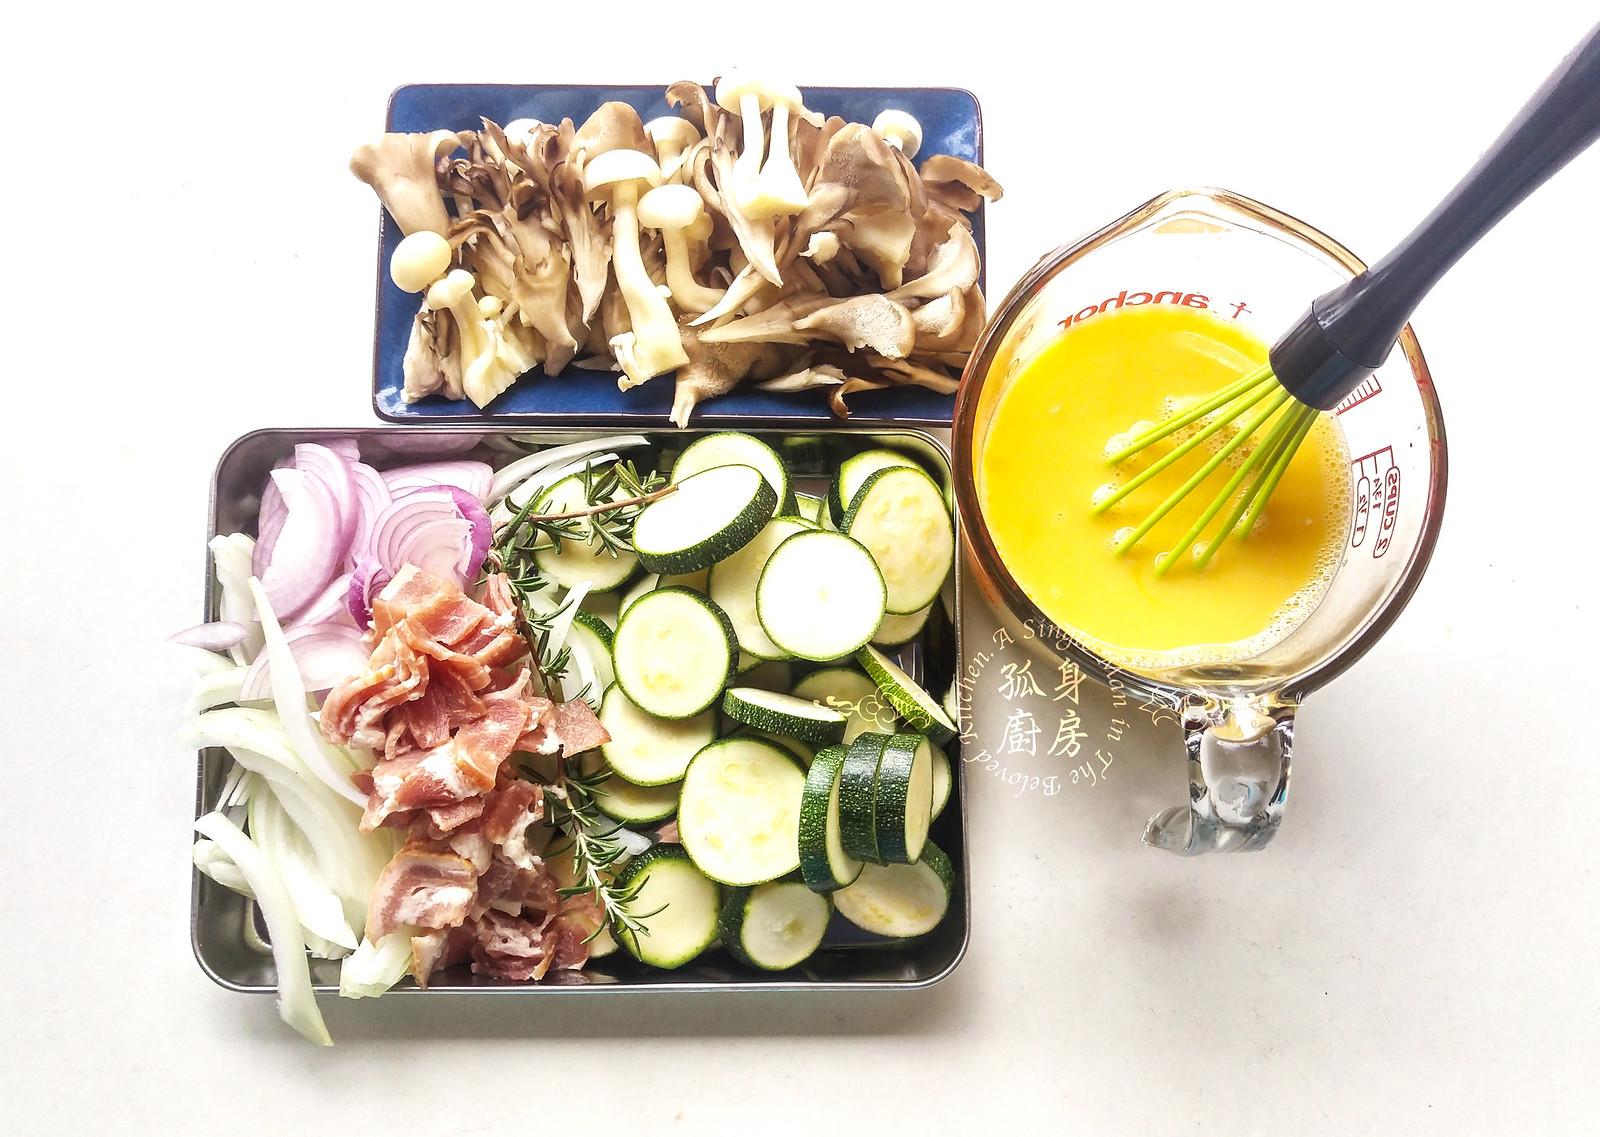 孤身廚房-清冰箱簡單早午餐!培根野菇櫛瓜義式烘蛋Frittata4